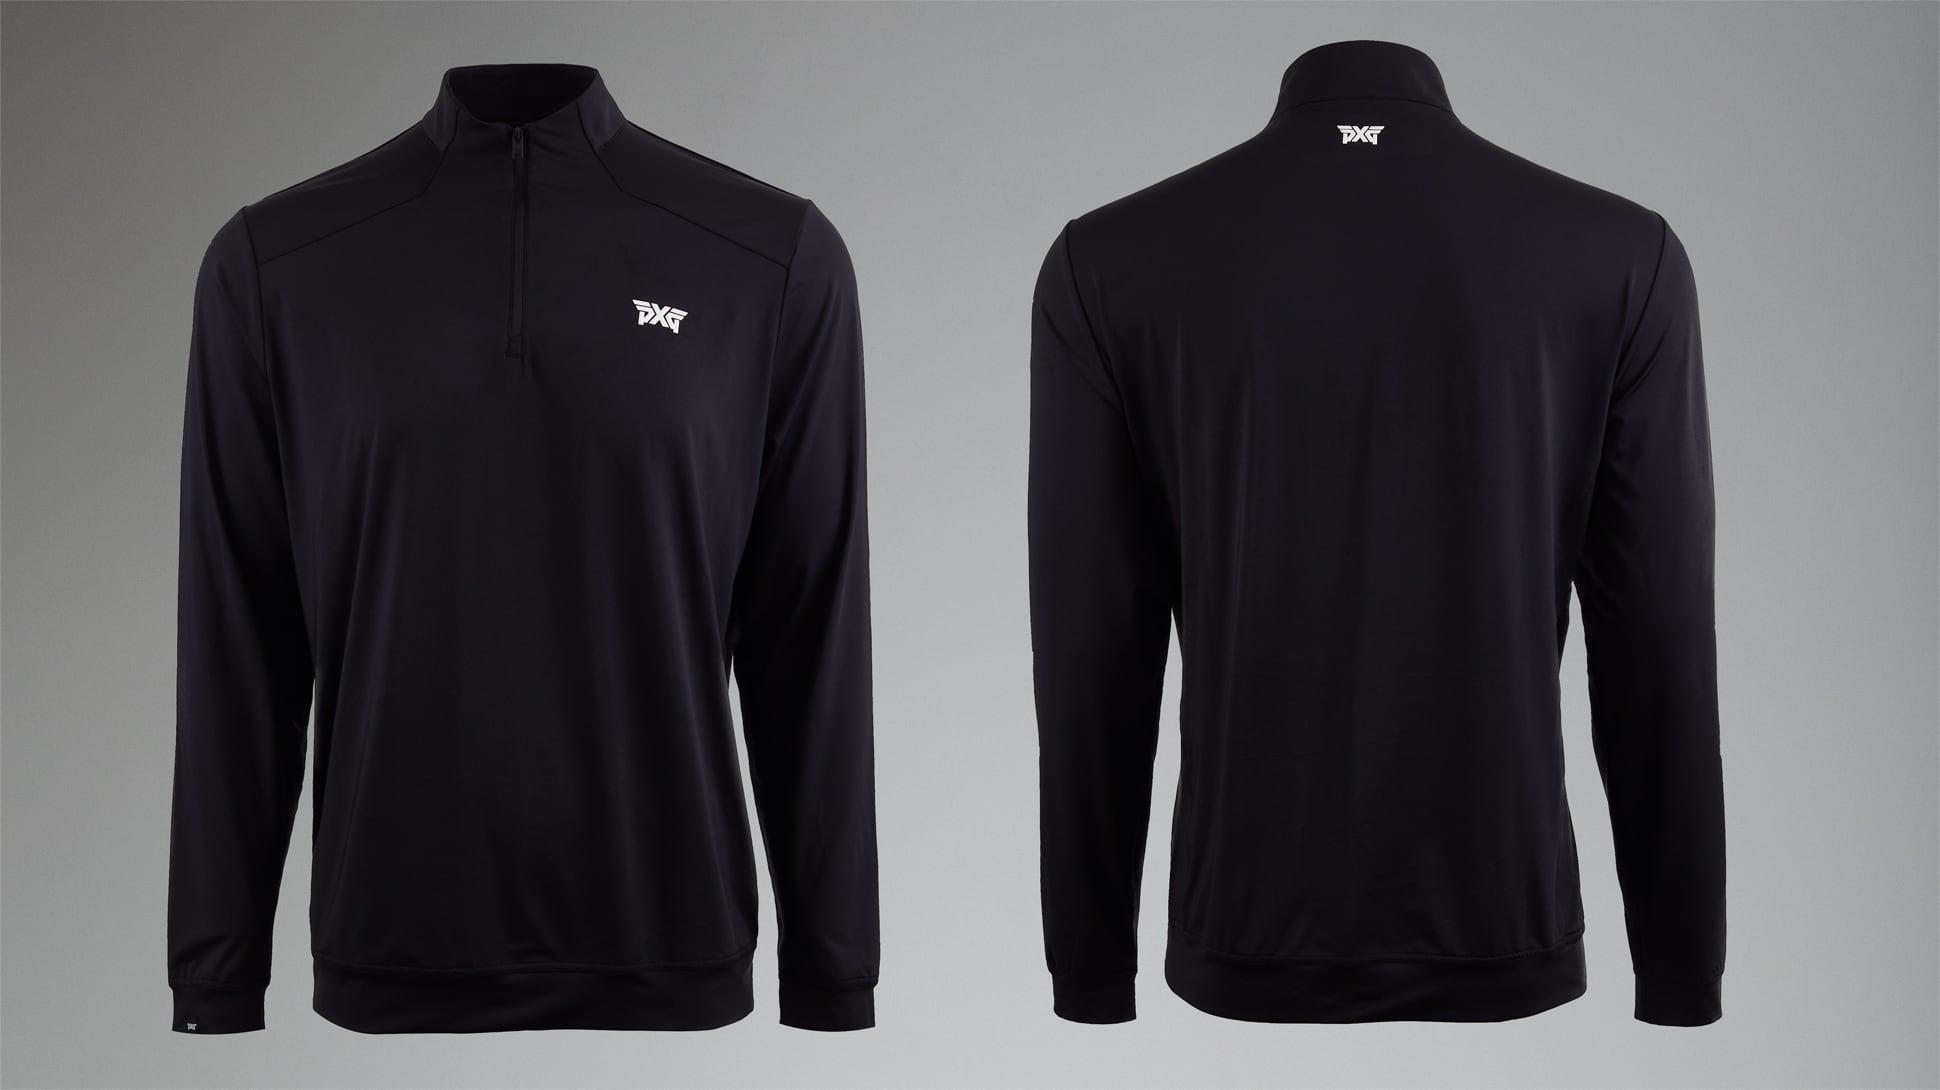 Crux Quarter Zip Pullover Image 1